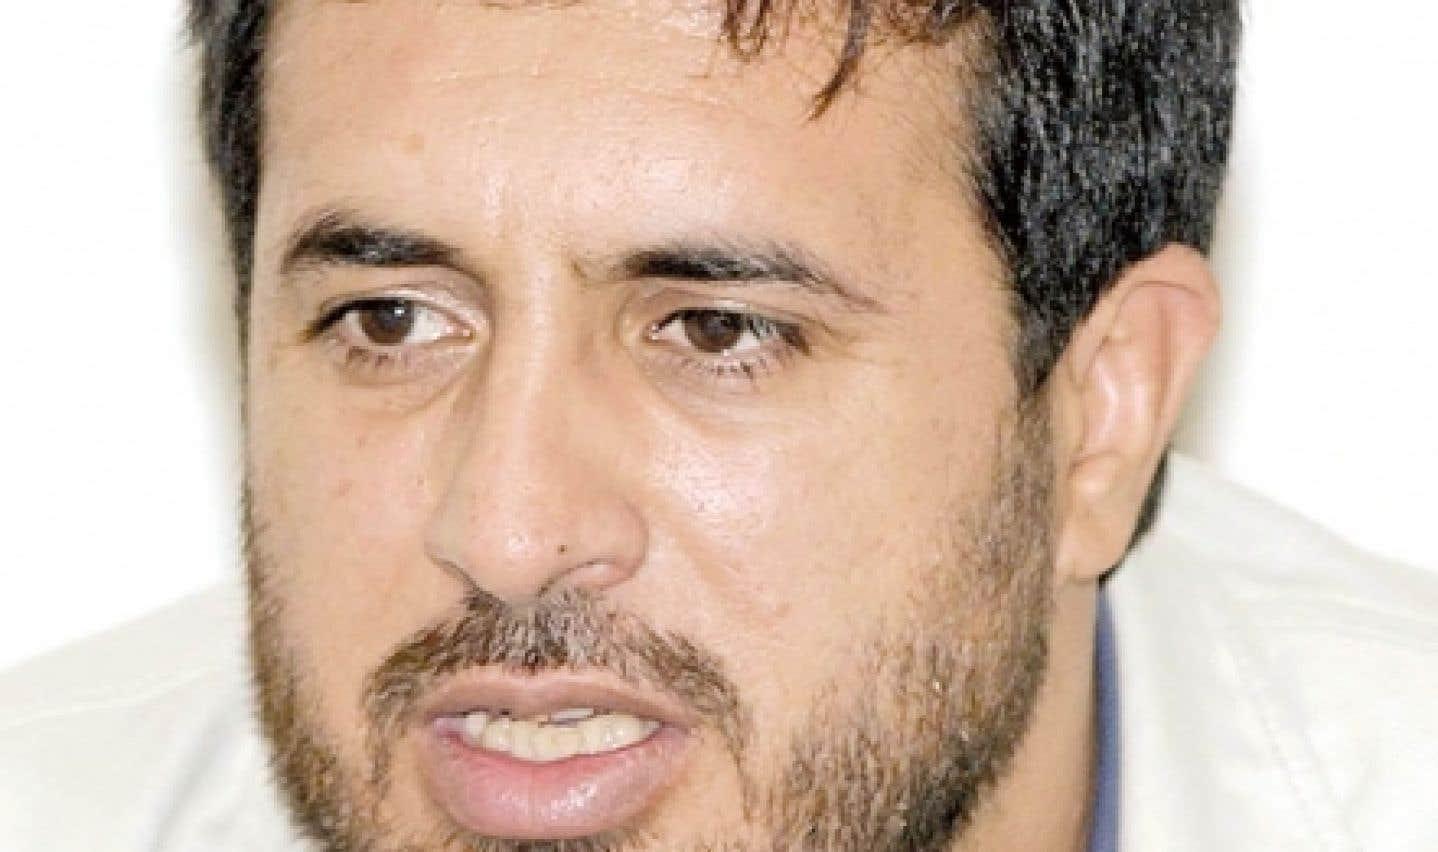 Ottawa a pris la défense d'un gouverneur afghan aujourd'hui accusé de torture